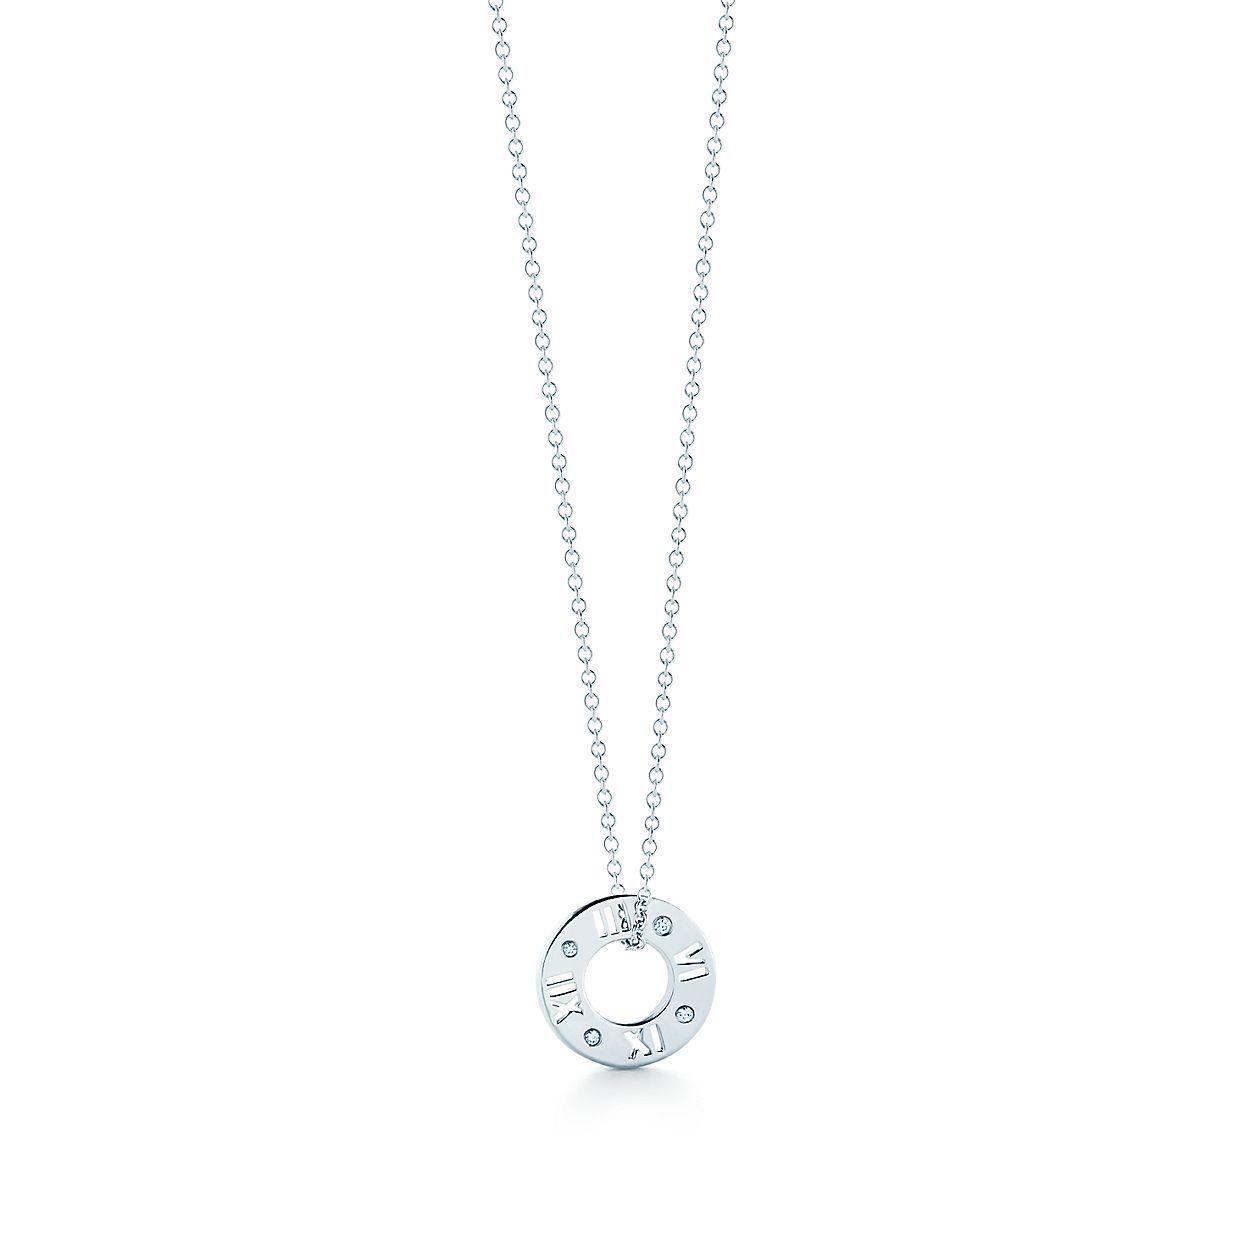 c8dd3a6b5284 Colgante perforado Atlas® en oro blanco de 18 quilates con diamantes ...